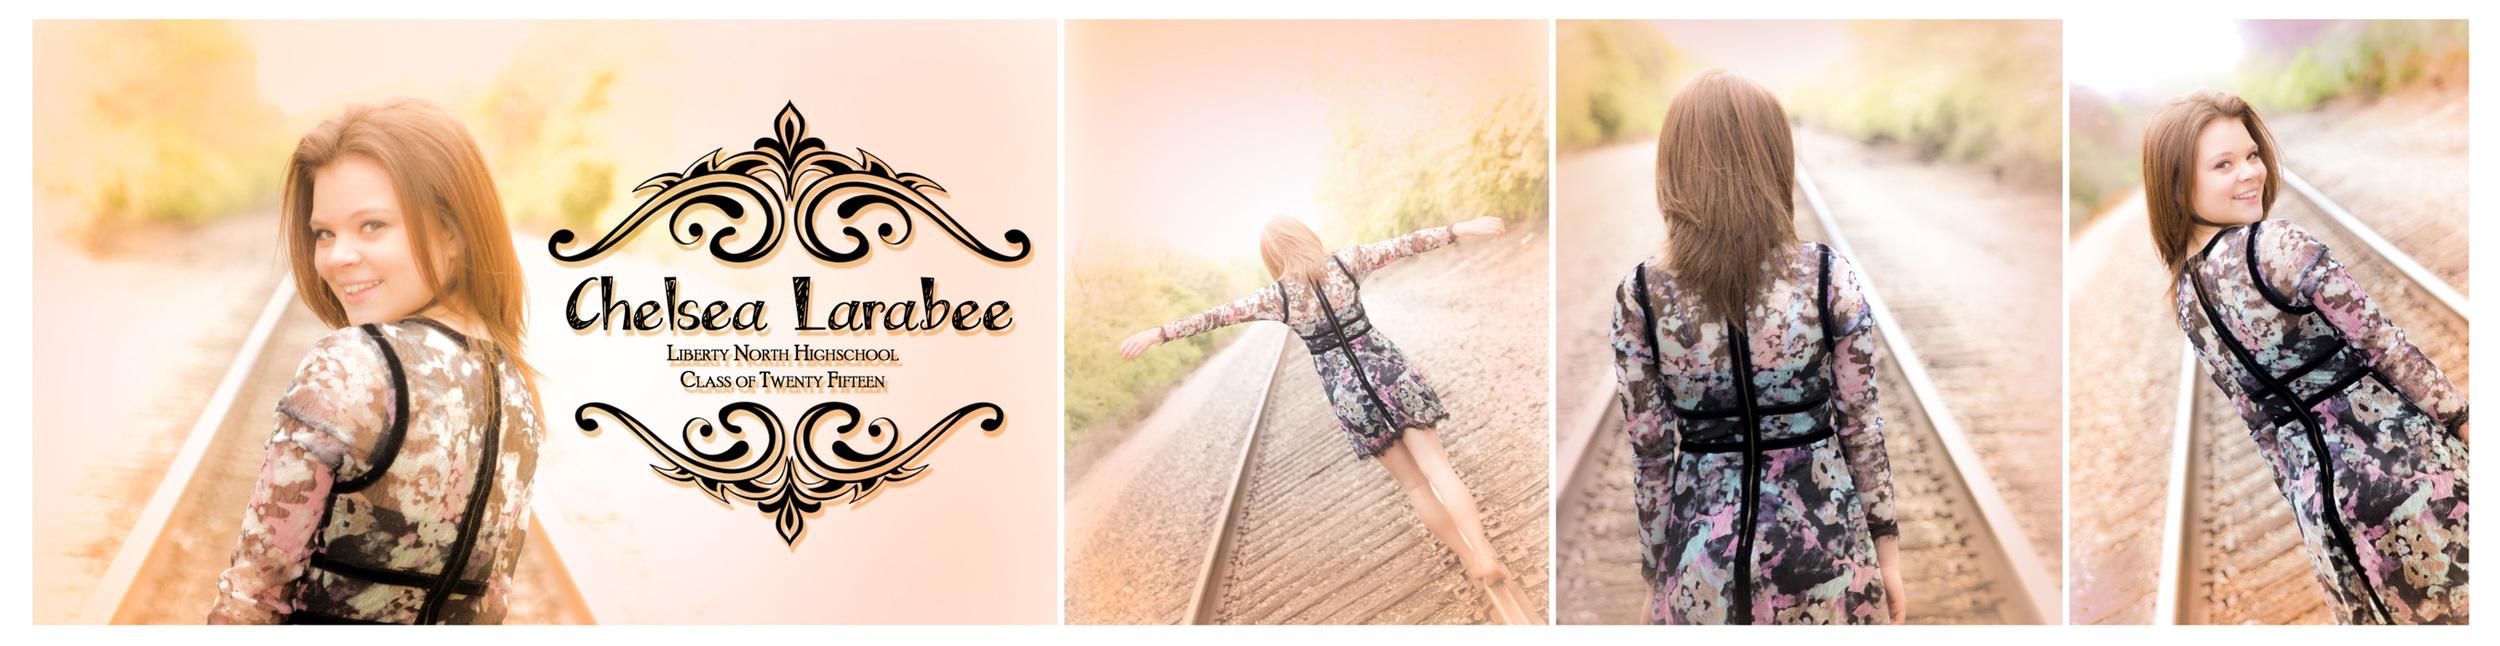 Chelsea Larabee Senior CatsEye Photography 2015 Banner 11.jpg